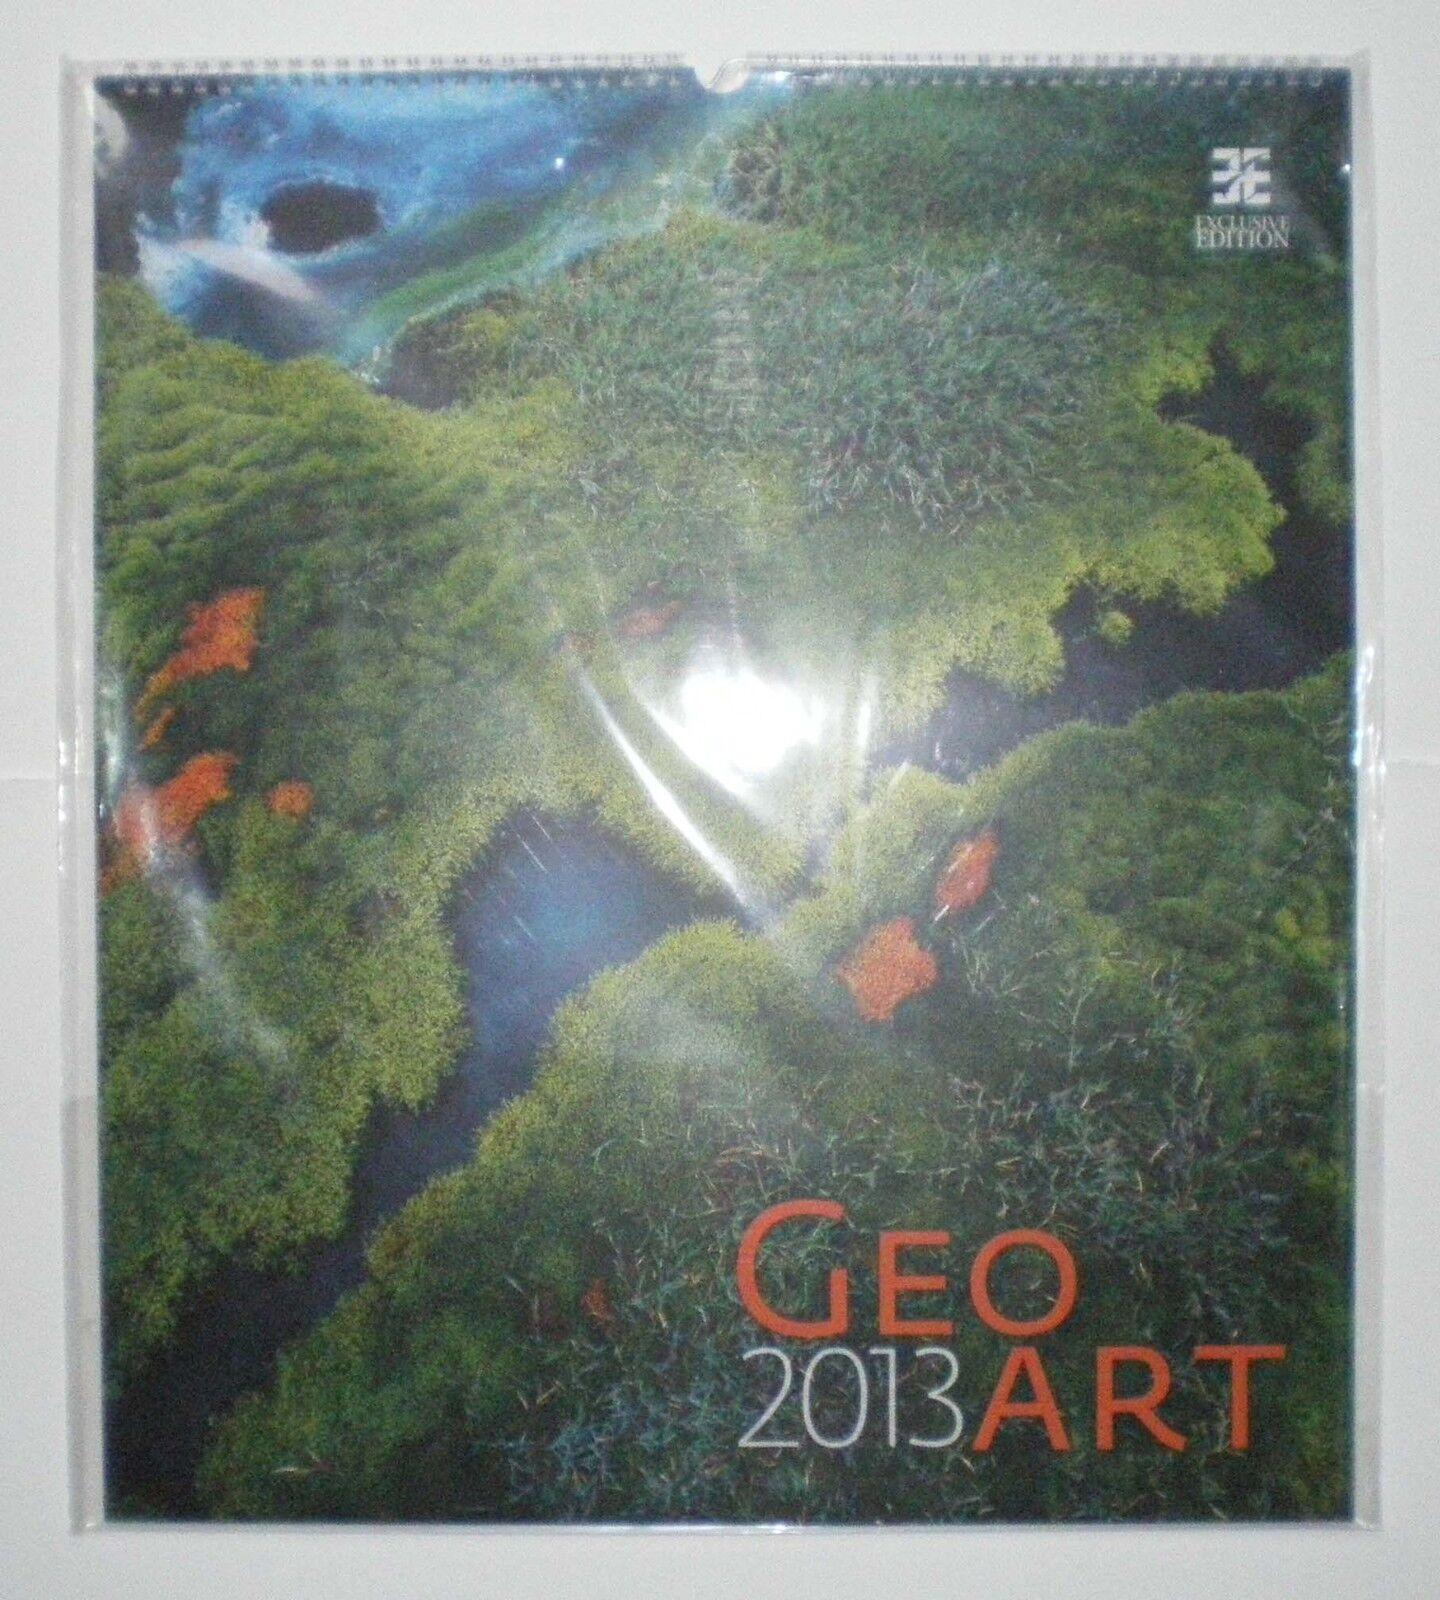 Geo Art 2013 – Kalender mit atemberaubenden Bildern unserer Erde – rar – wie neu | Moderner Modus  | Erste Gruppe von Kunden  | Kostengünstiger